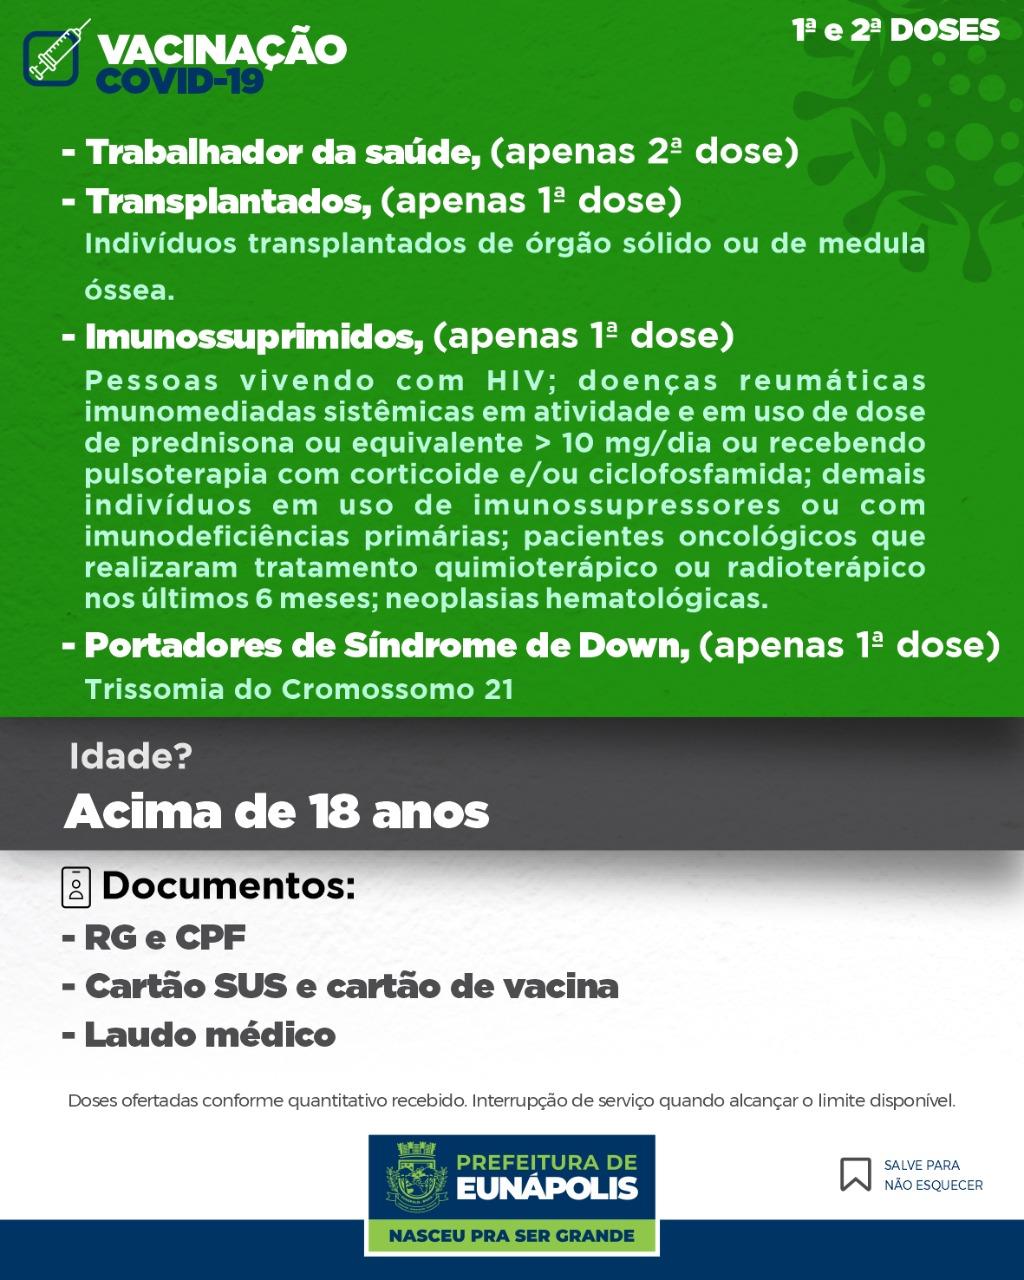 Eunápolis inicia imunização contra a Covid-19 em pessoas com Síndrome de Down, Transplantados e Imunossuprimidos 21